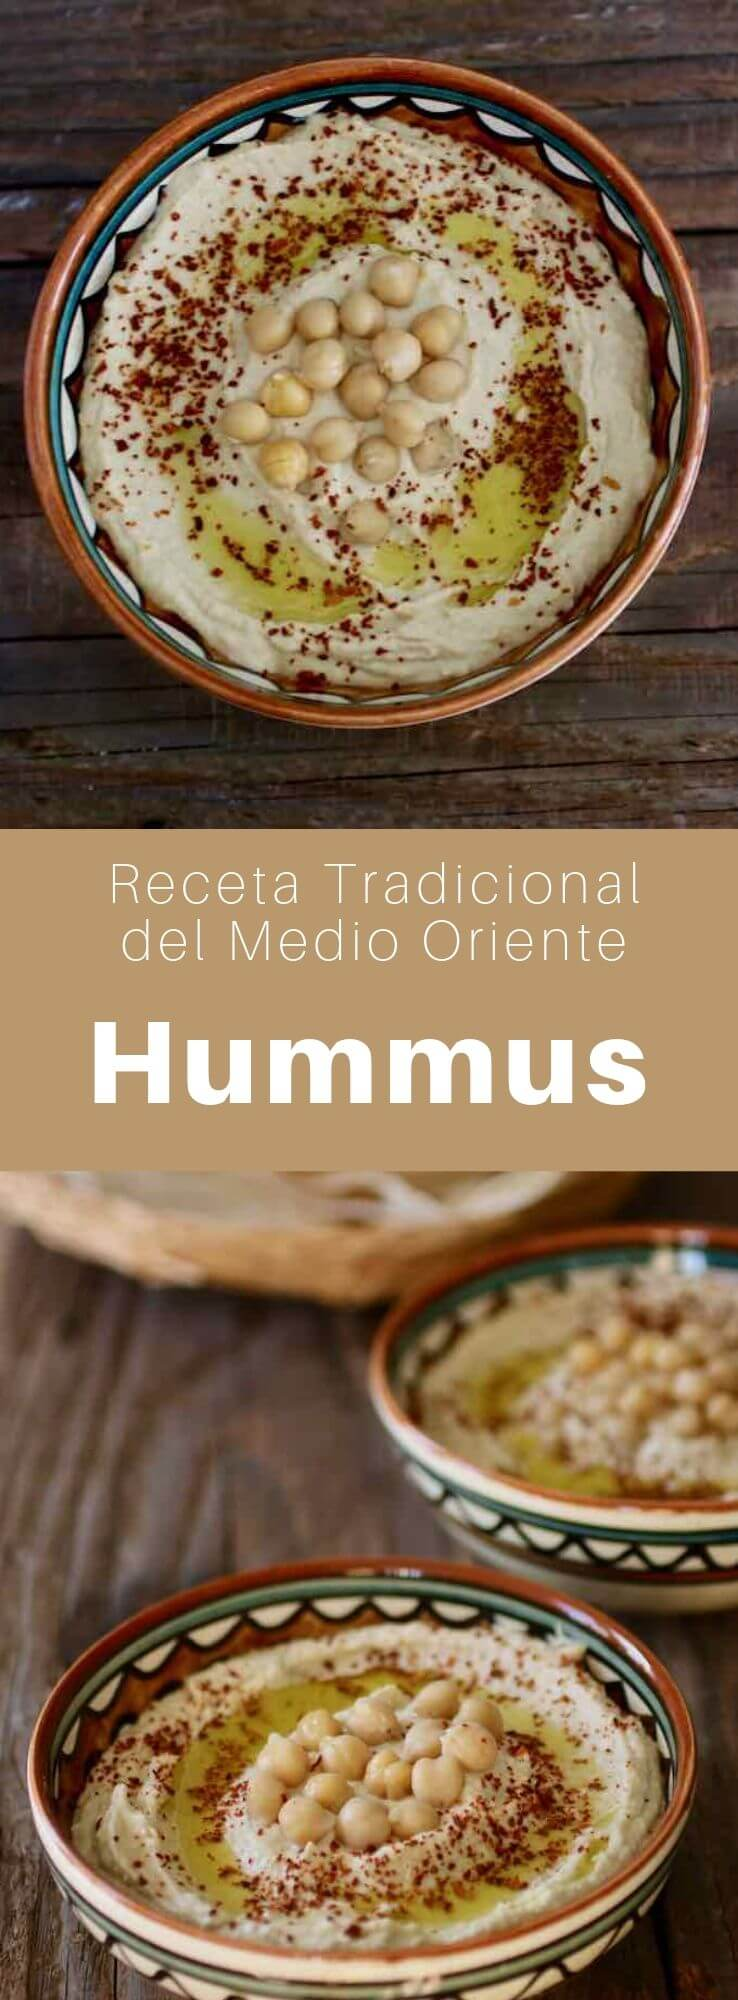 El hummus es una preparación del Medio Oriente que consiste en un puré de garbanzos con tahini. Es un plato típico de la cocina árabe, judía, armenia y levantina.